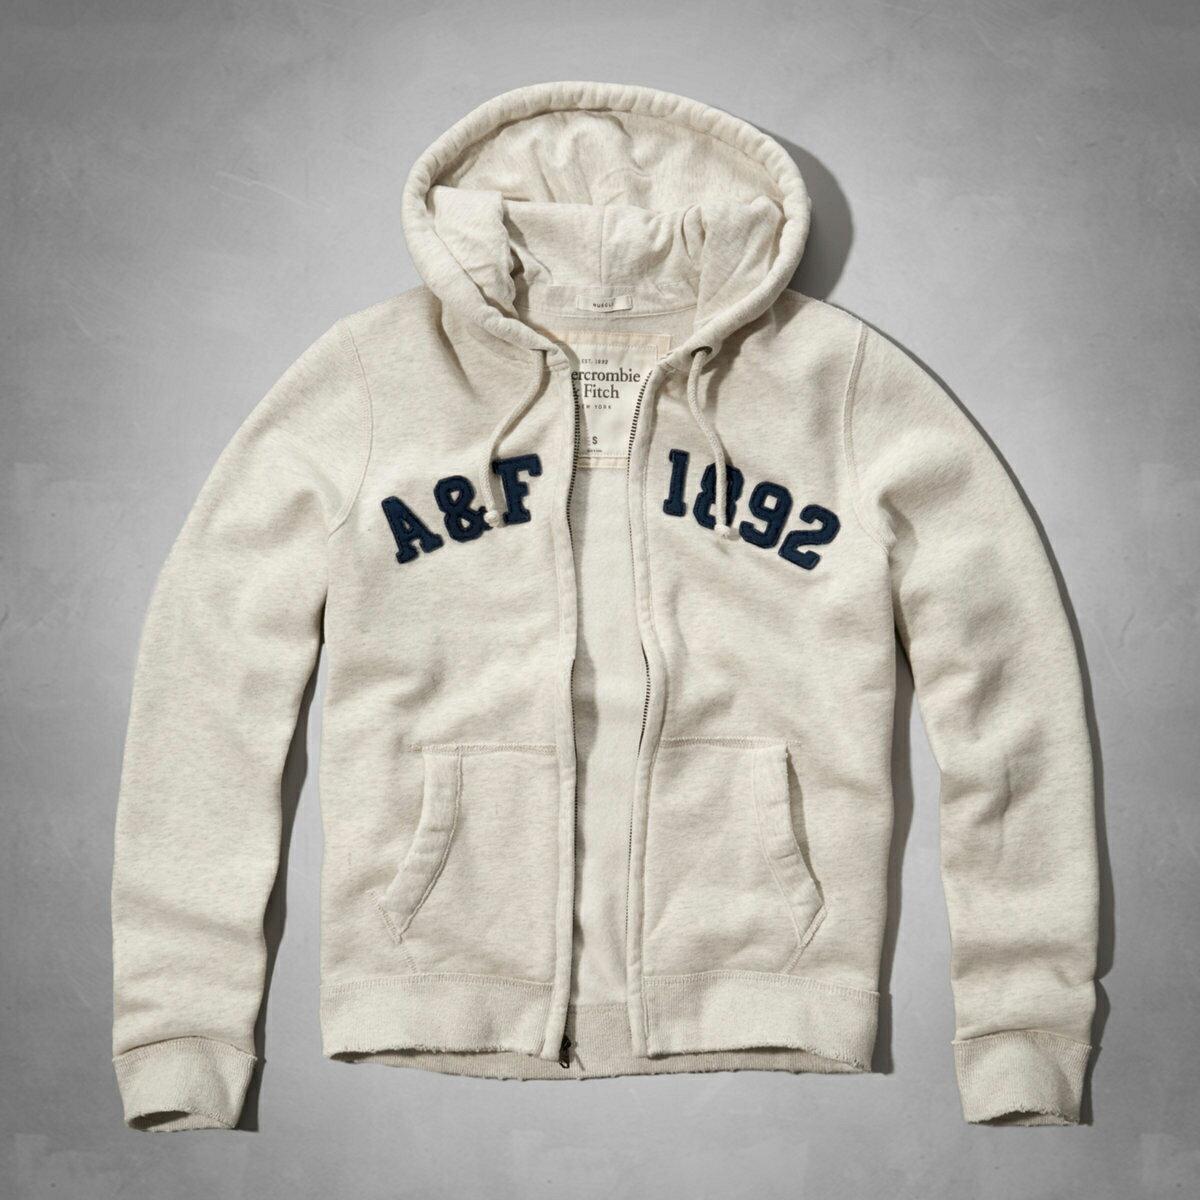 美國百分百【Abercrombie & Fitch】外套 AF 連帽 長袖 夾克 麋鹿 米白色 大尺碼 L XL XXL號 F667